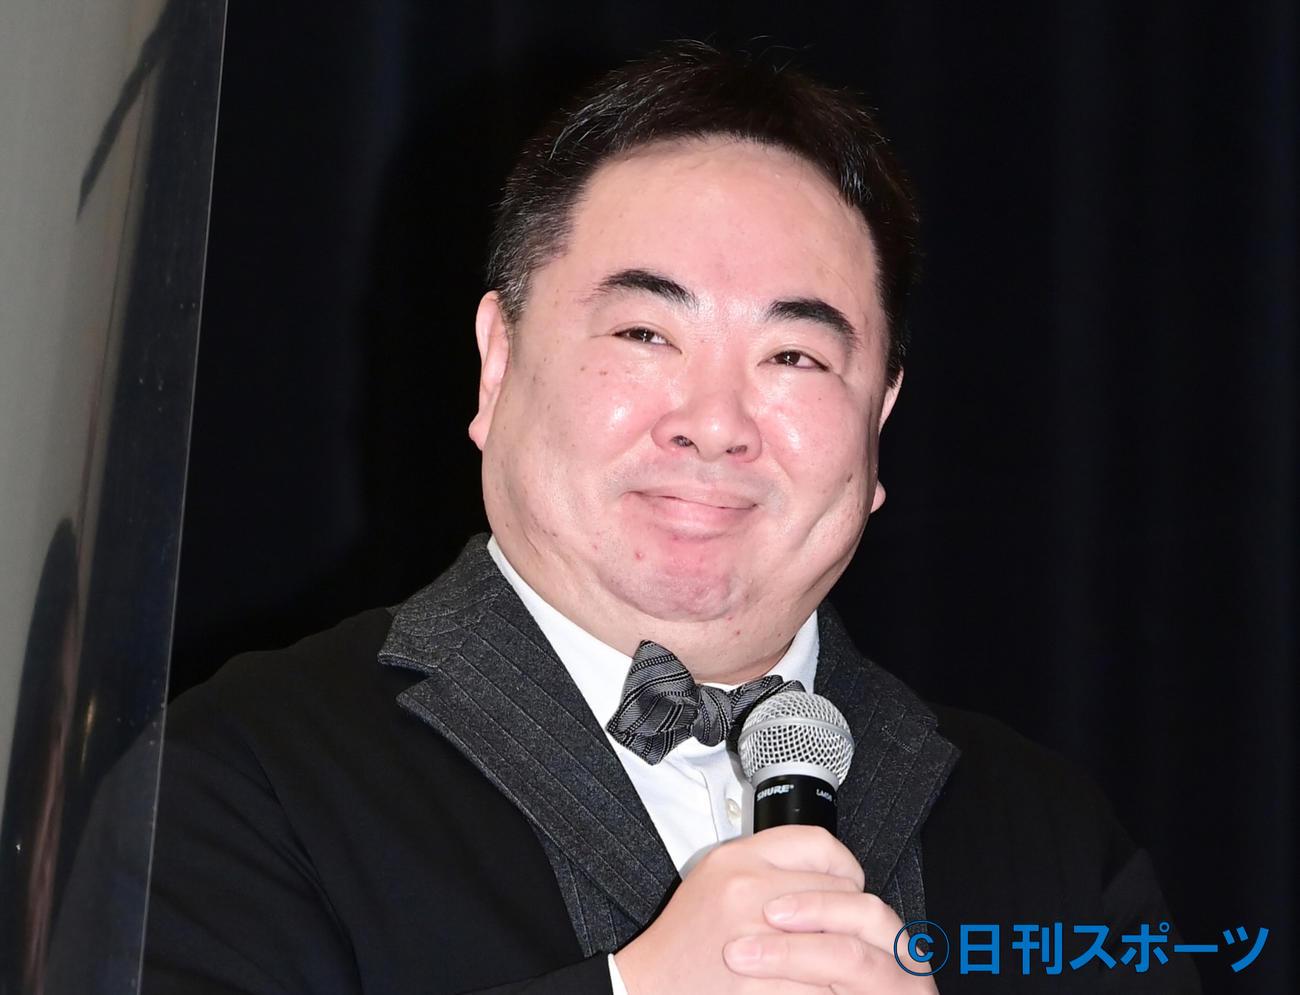 塚地武雅(2021年2月5日撮影)